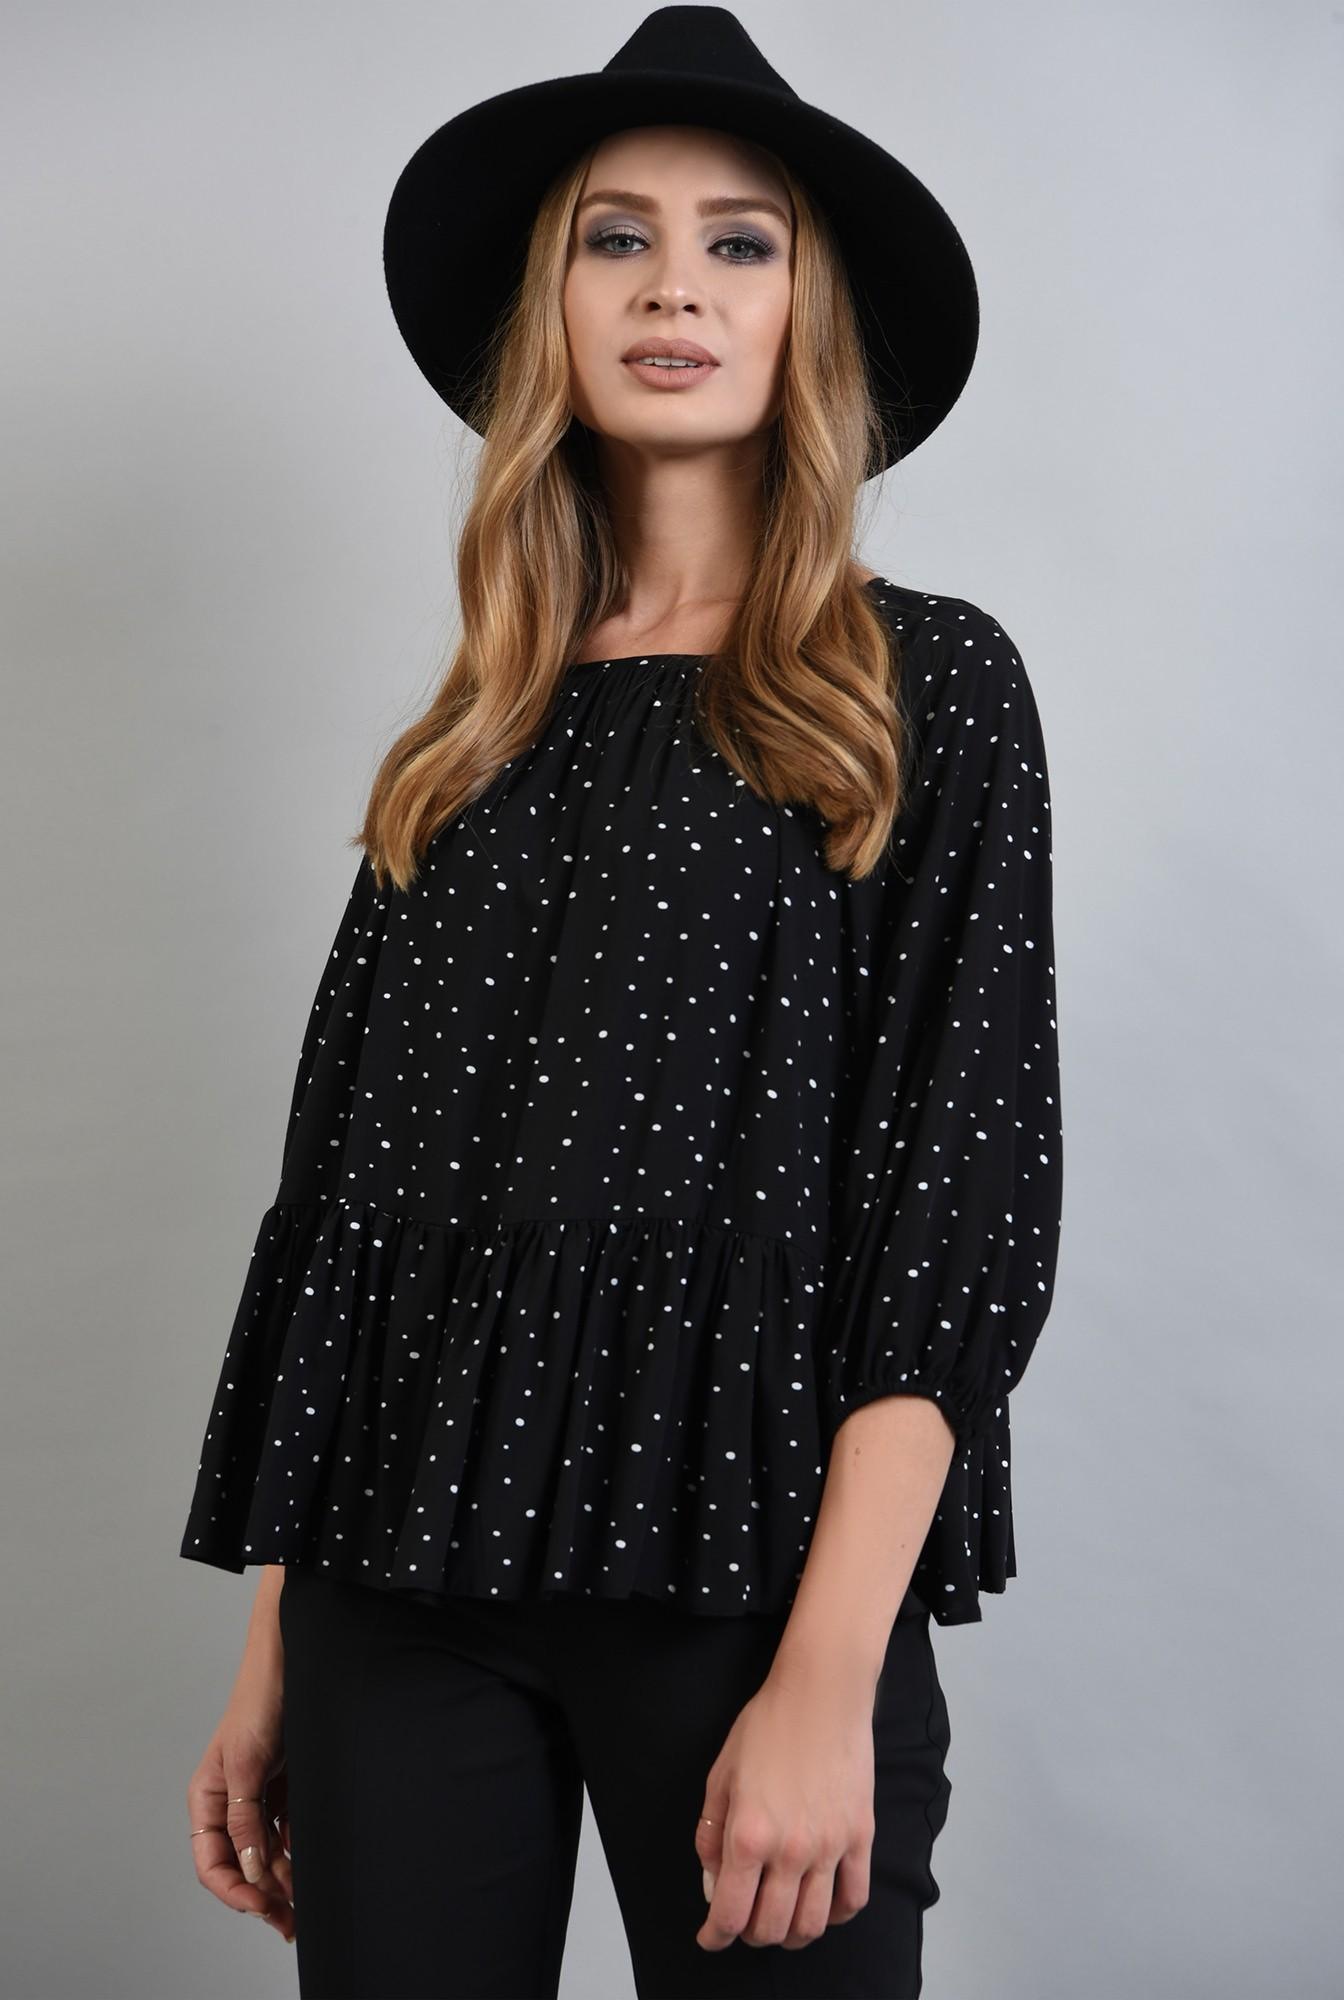 0 - bluza neagra cu buline, peplum, Poema